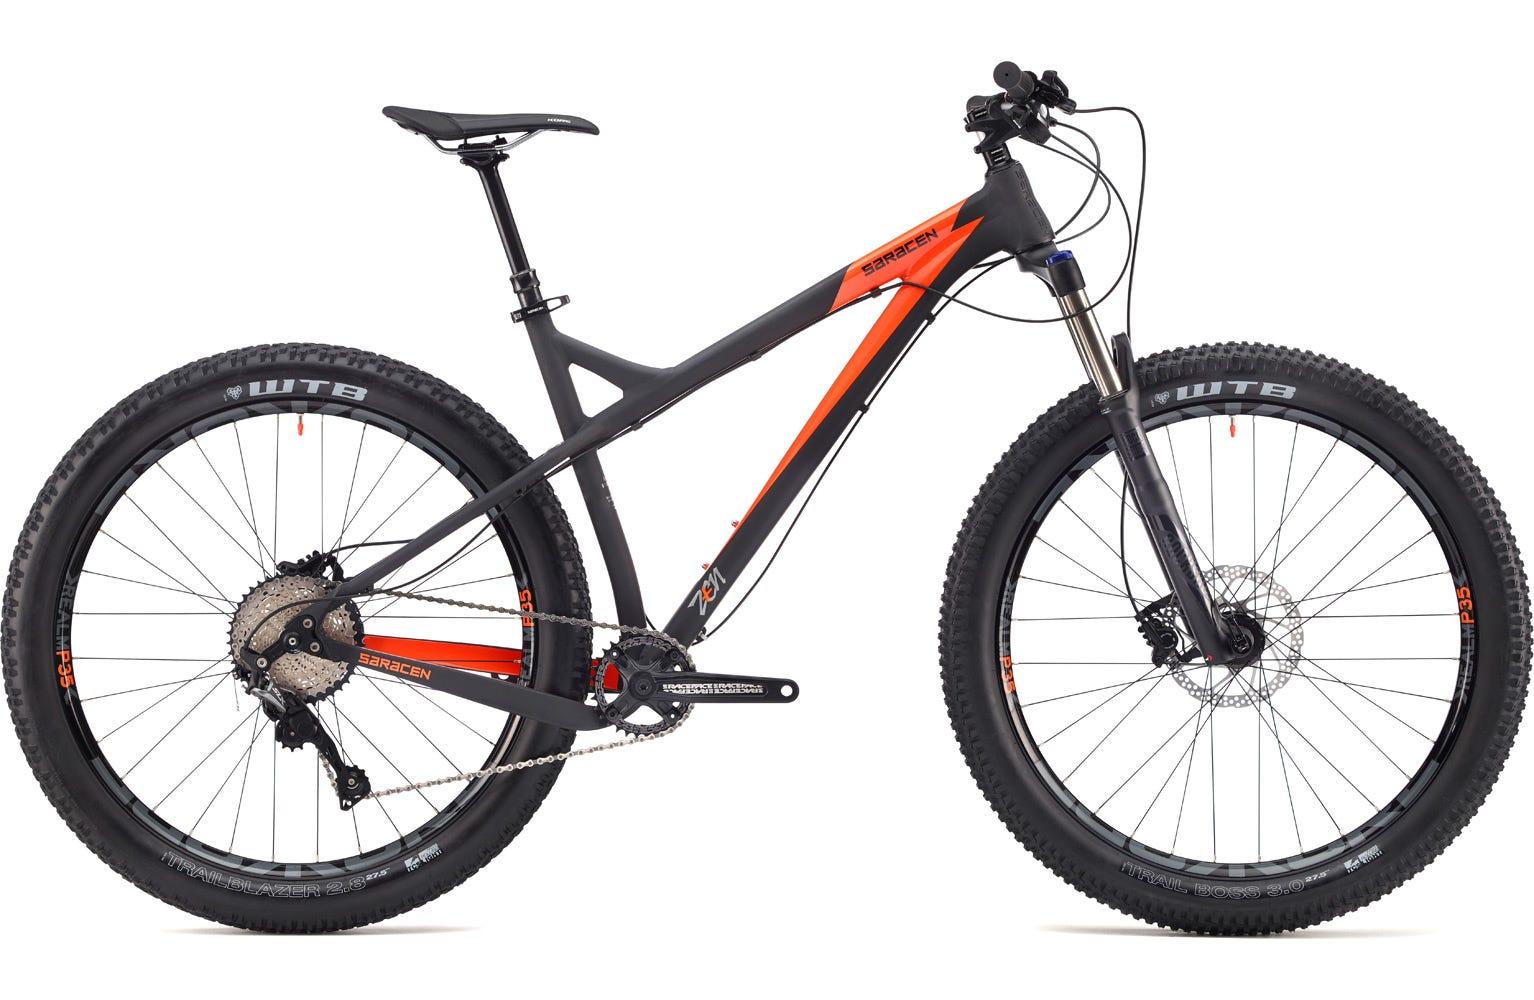 Saracen Zen+ 17 inch bike